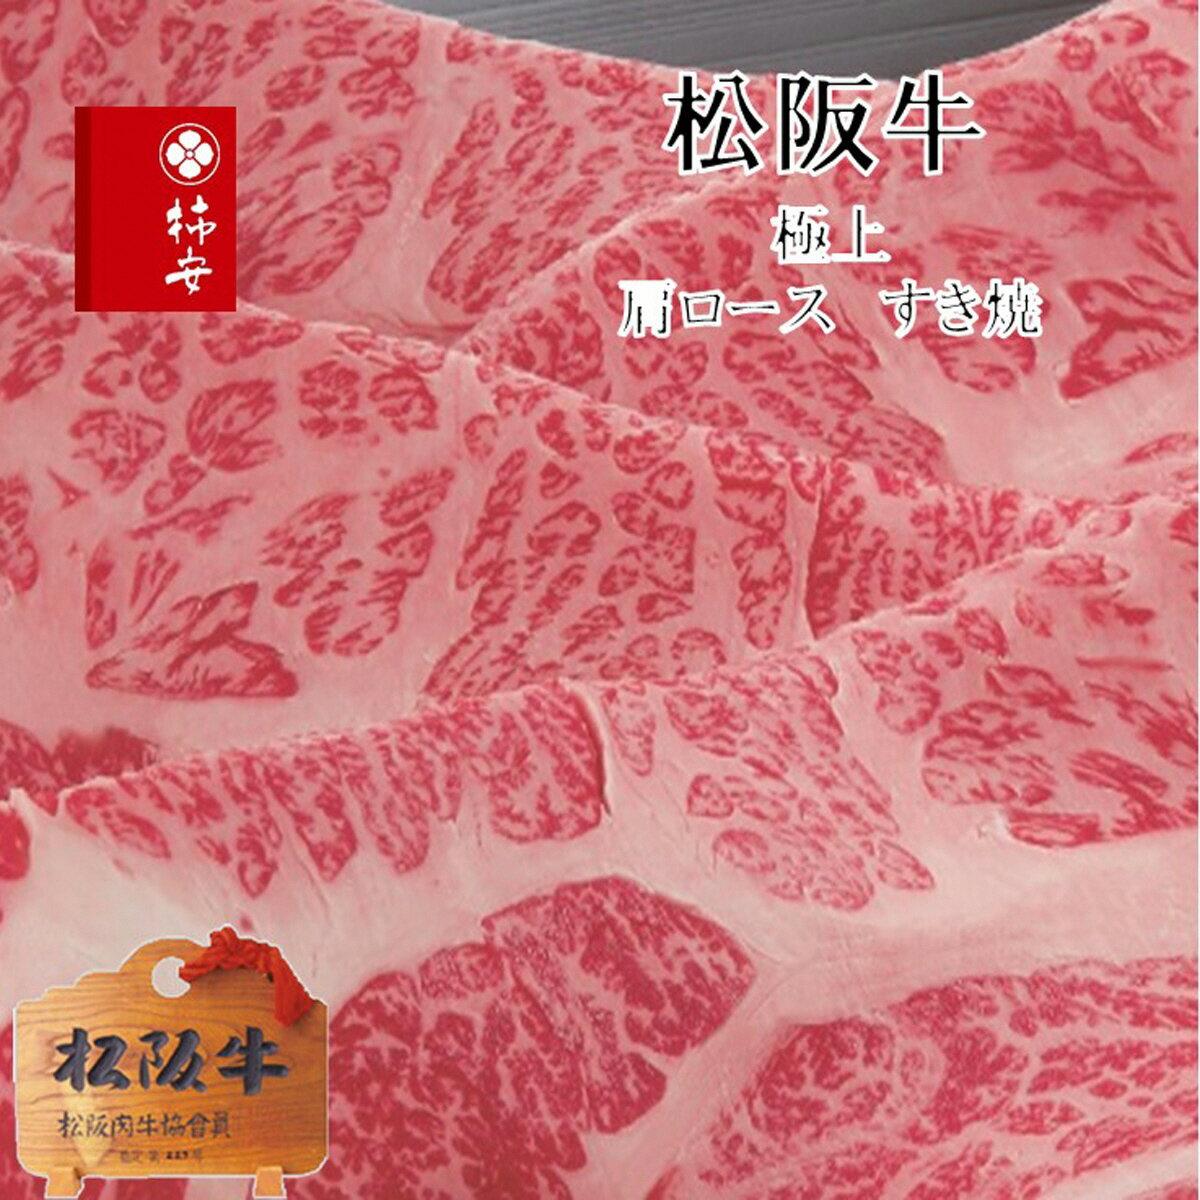 柿安本店 松阪牛すき焼 肩ロース 700g